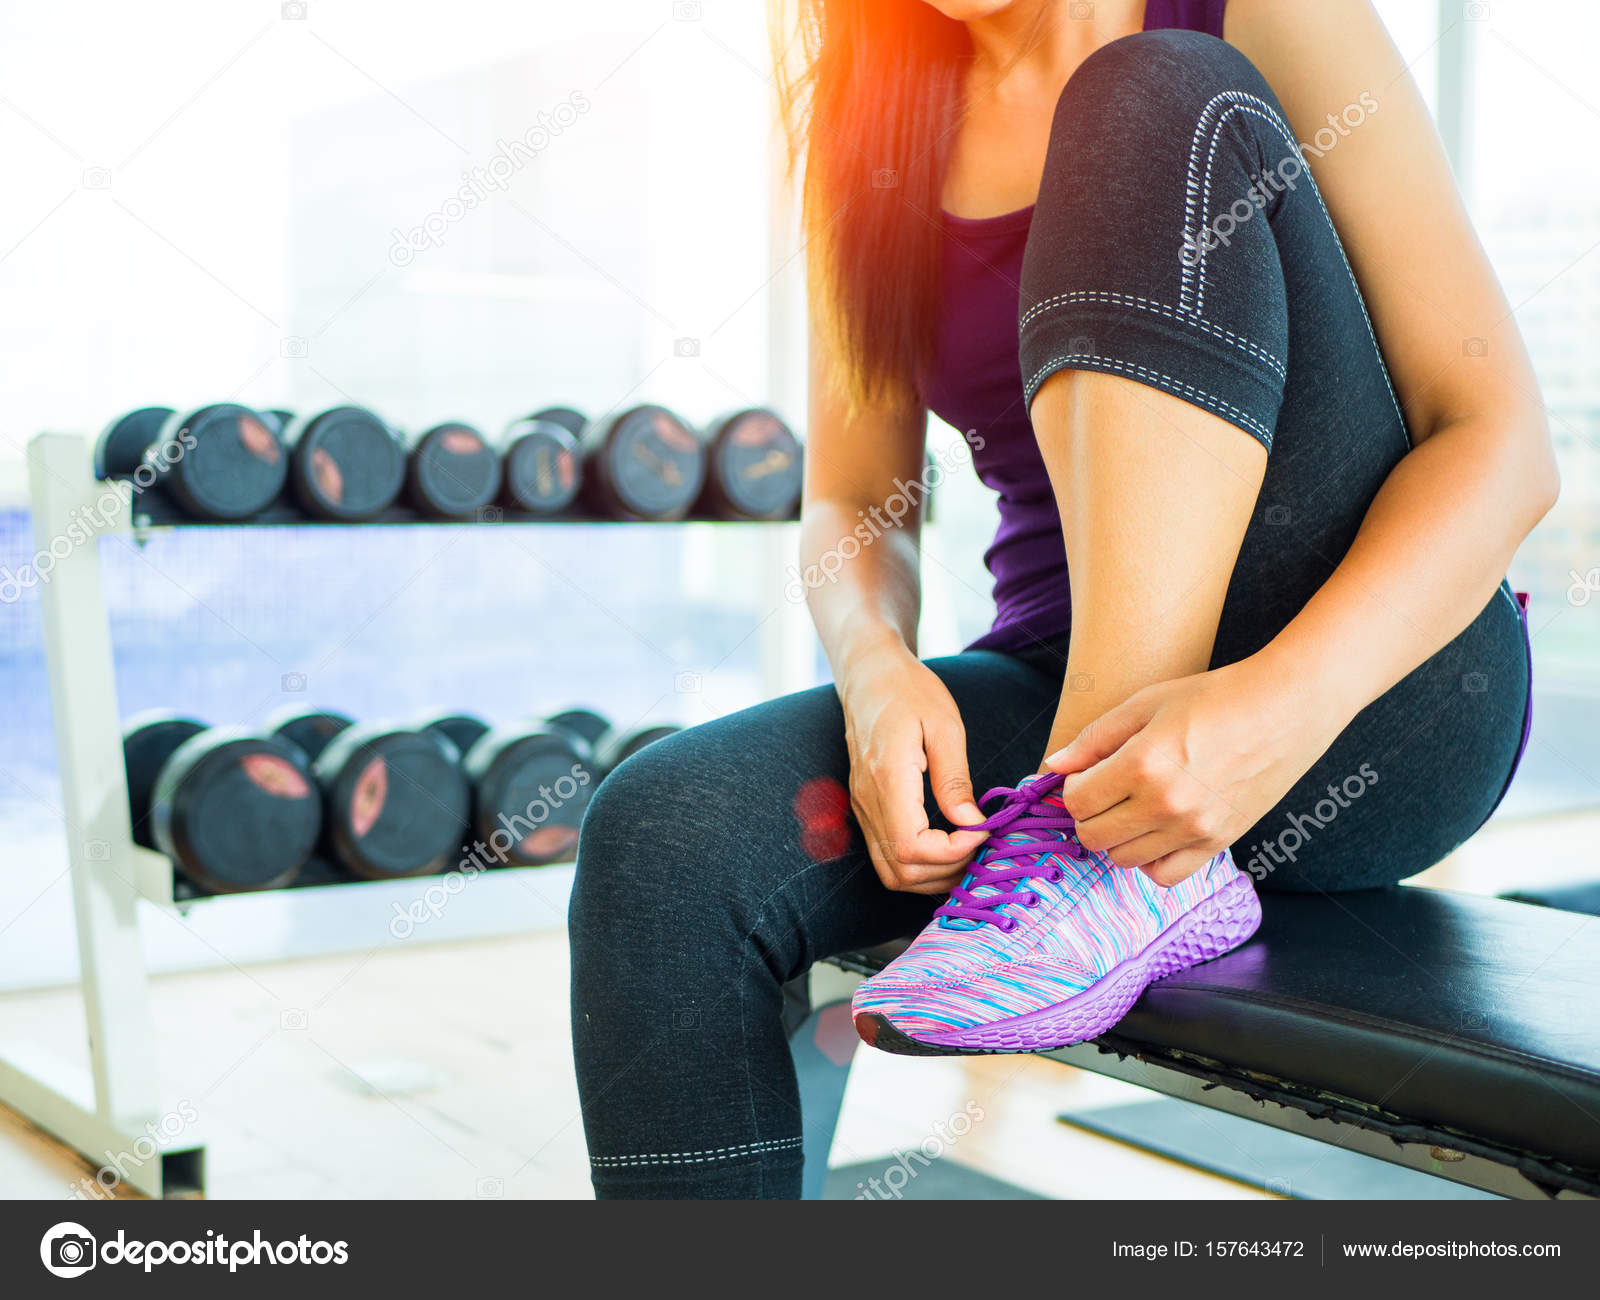 a5ad565f28f Running chaussures - gros plan de femme attacher les lacets de chaussures.  Coureur de remise en forme sport féminin se prépare pour faire du jogging  dans la ...